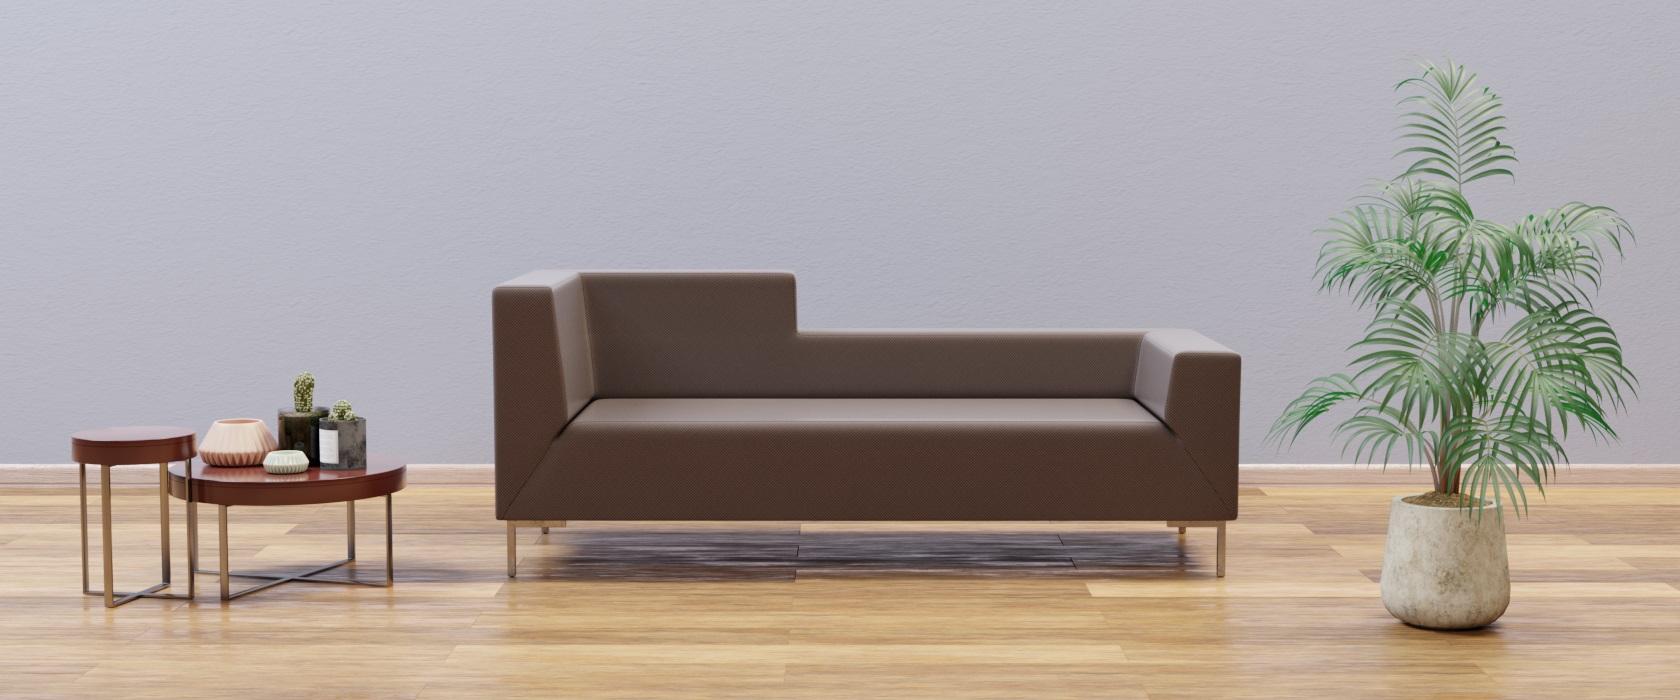 Двухместный диван Livorno Mix - Фото 2 - Pufetto